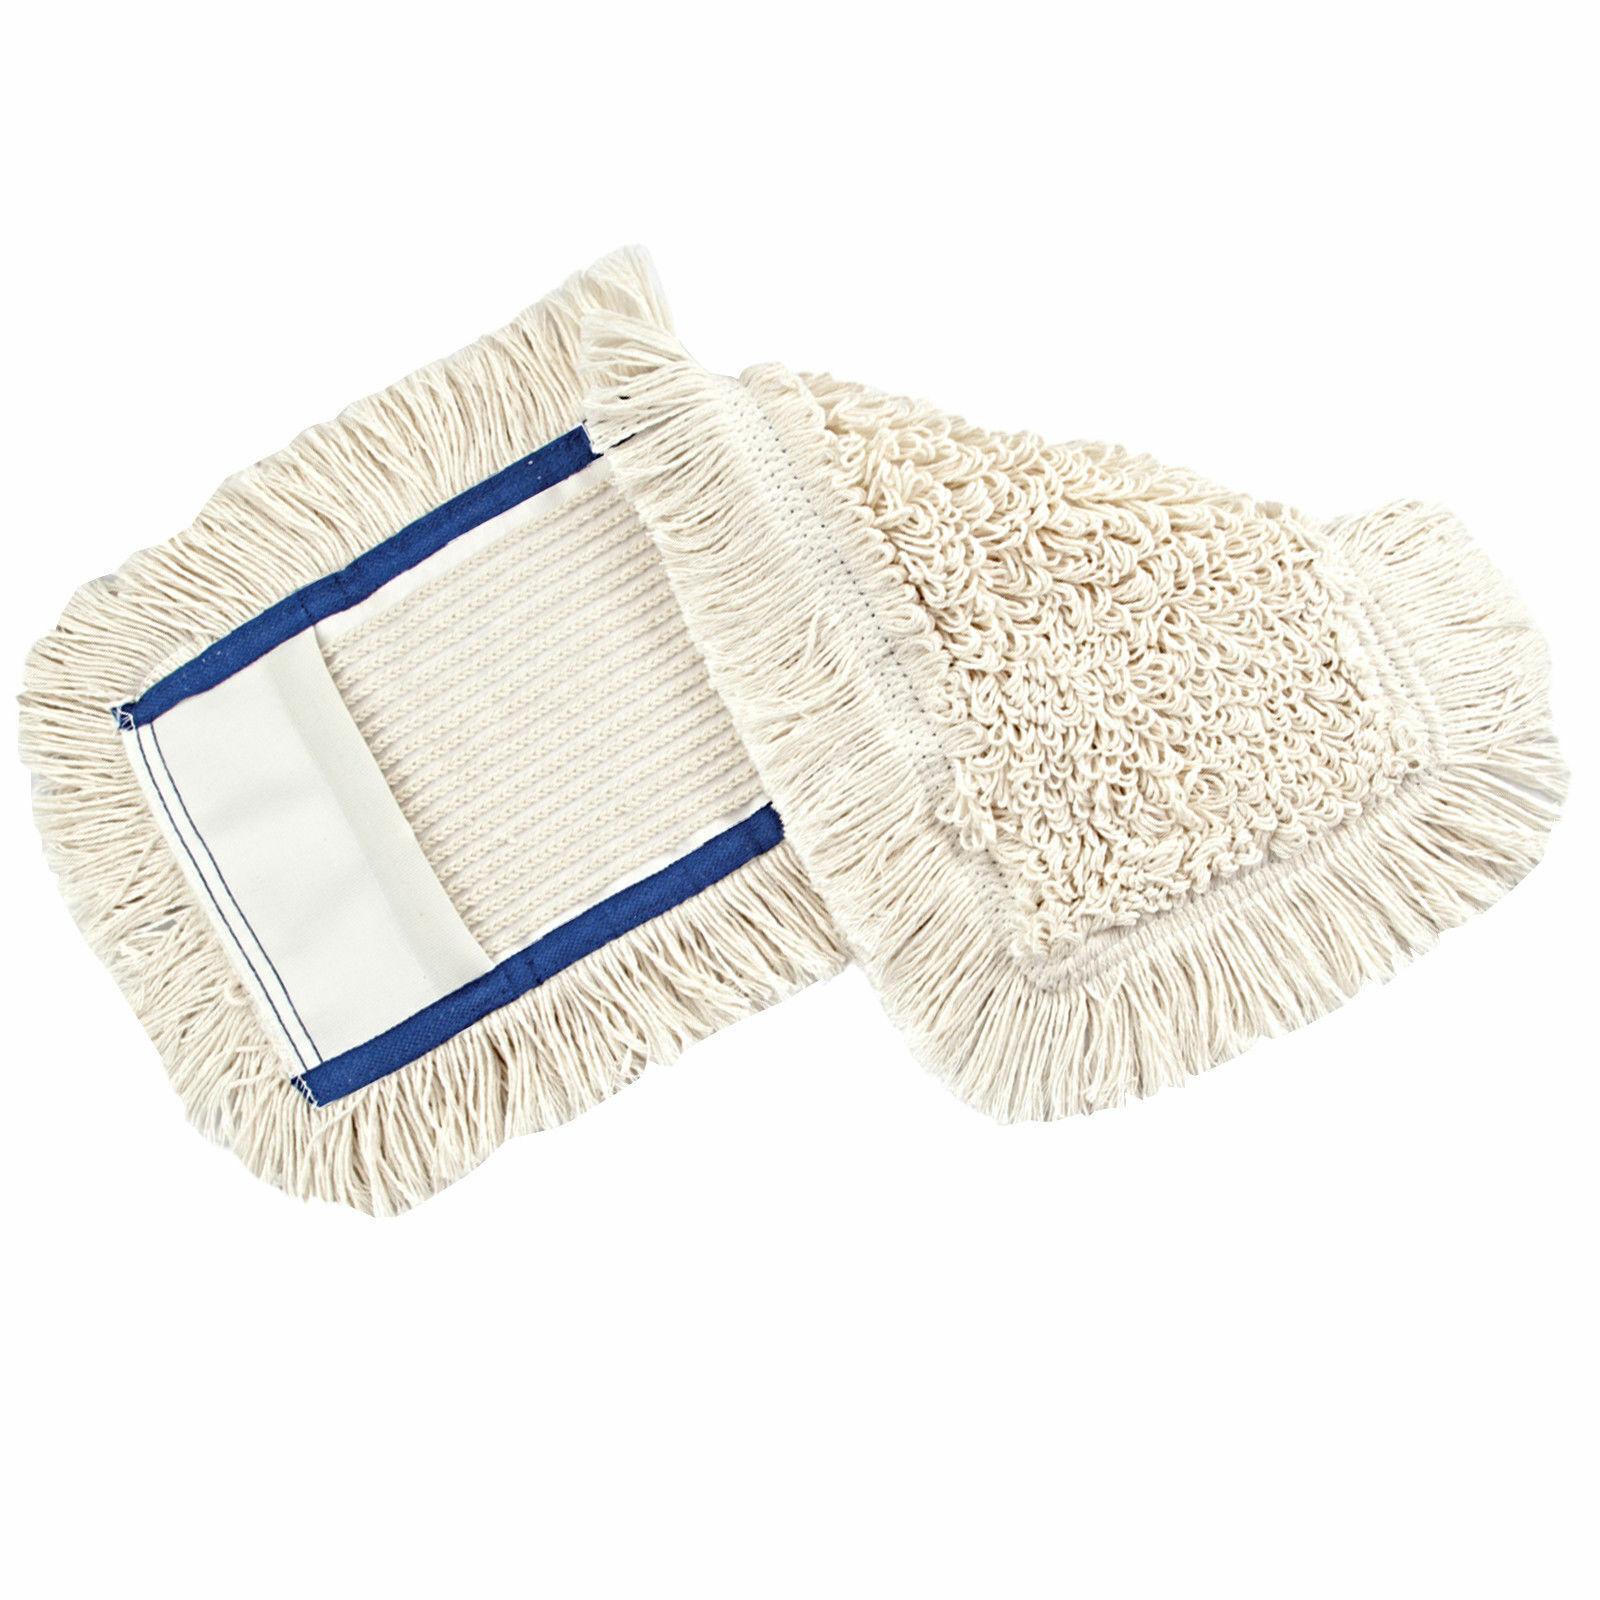 Bodentuch Wischmop Nassfaser weiss geeignet für alle 42cm Wischer HaRa/Jemako